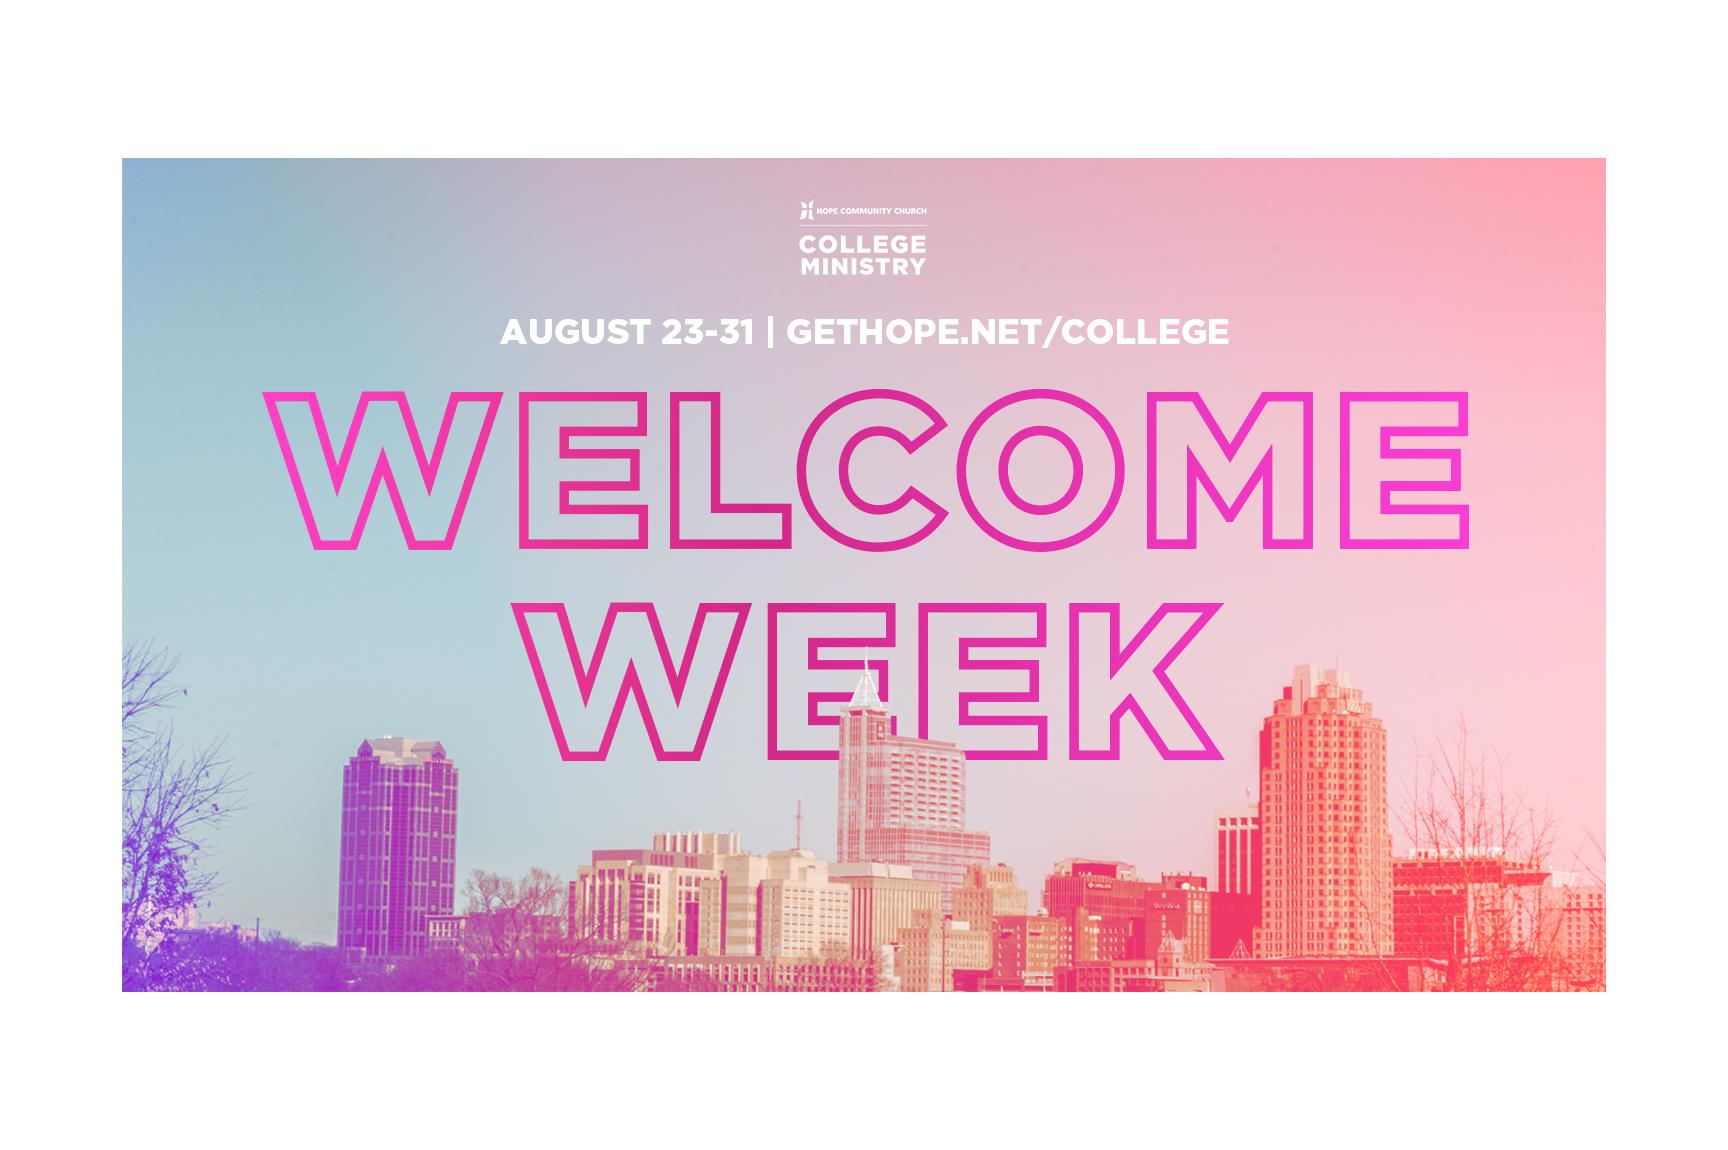 WelcomeWeek_Website-Main.jpg